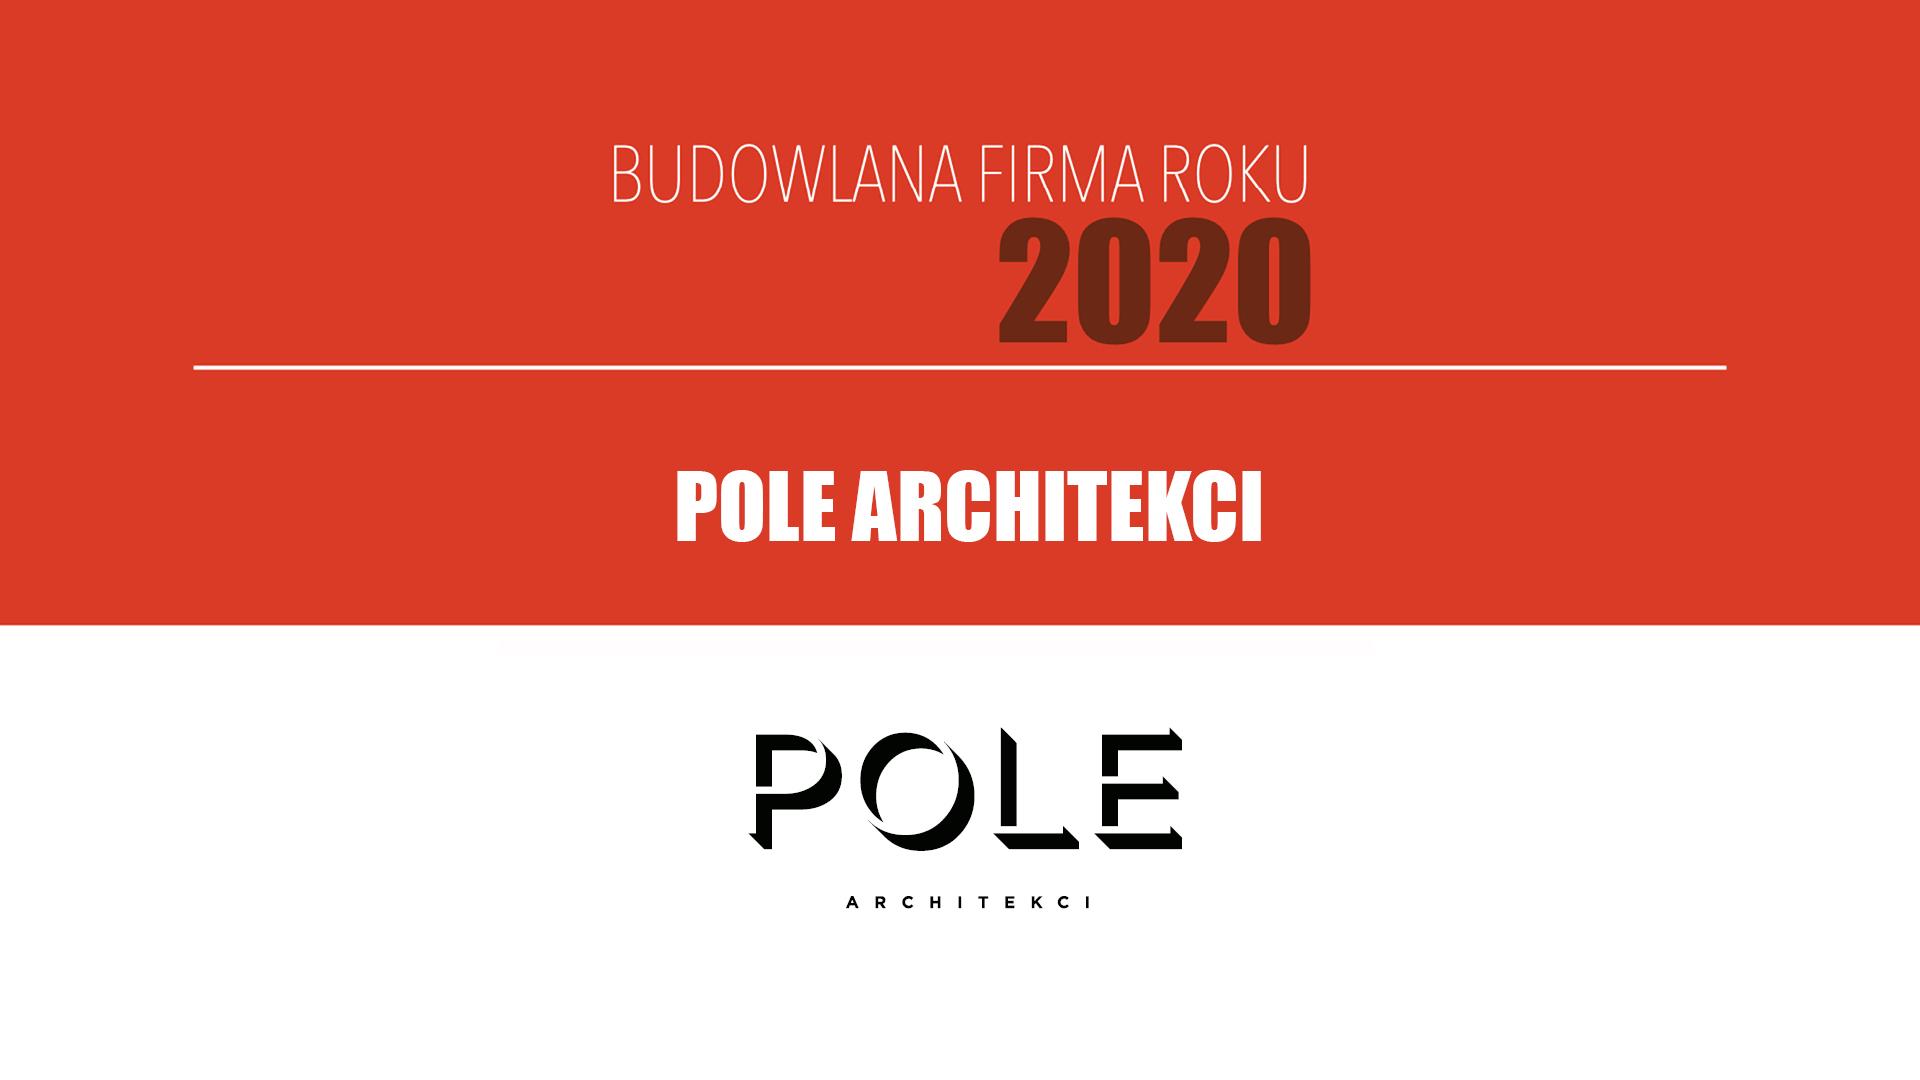 POLE ARCHITEKCI – Budowlana Firma Roku 2020